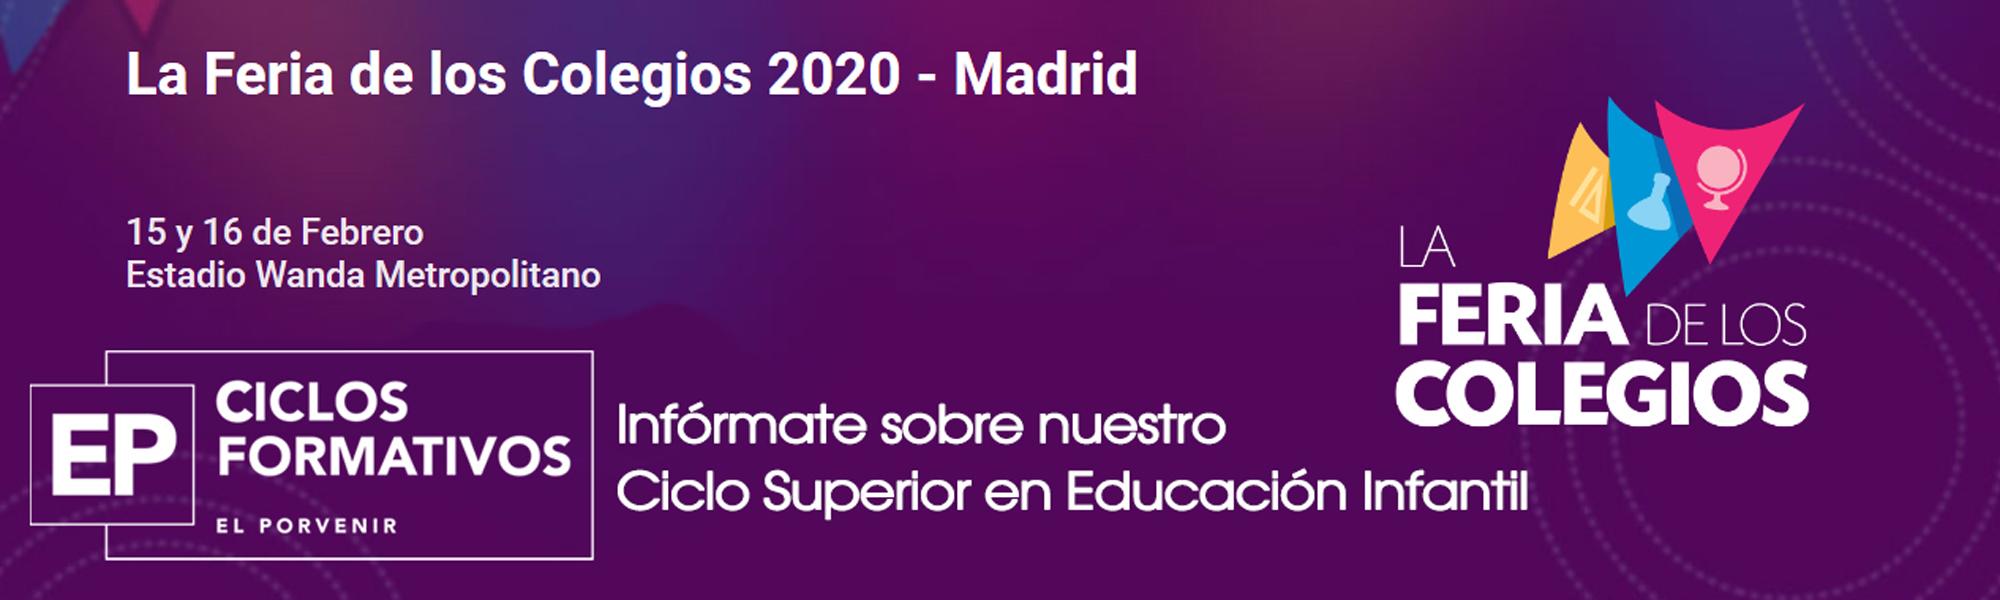 Feria de los Colegios 2020 Ciclos Formativos El Porvenir